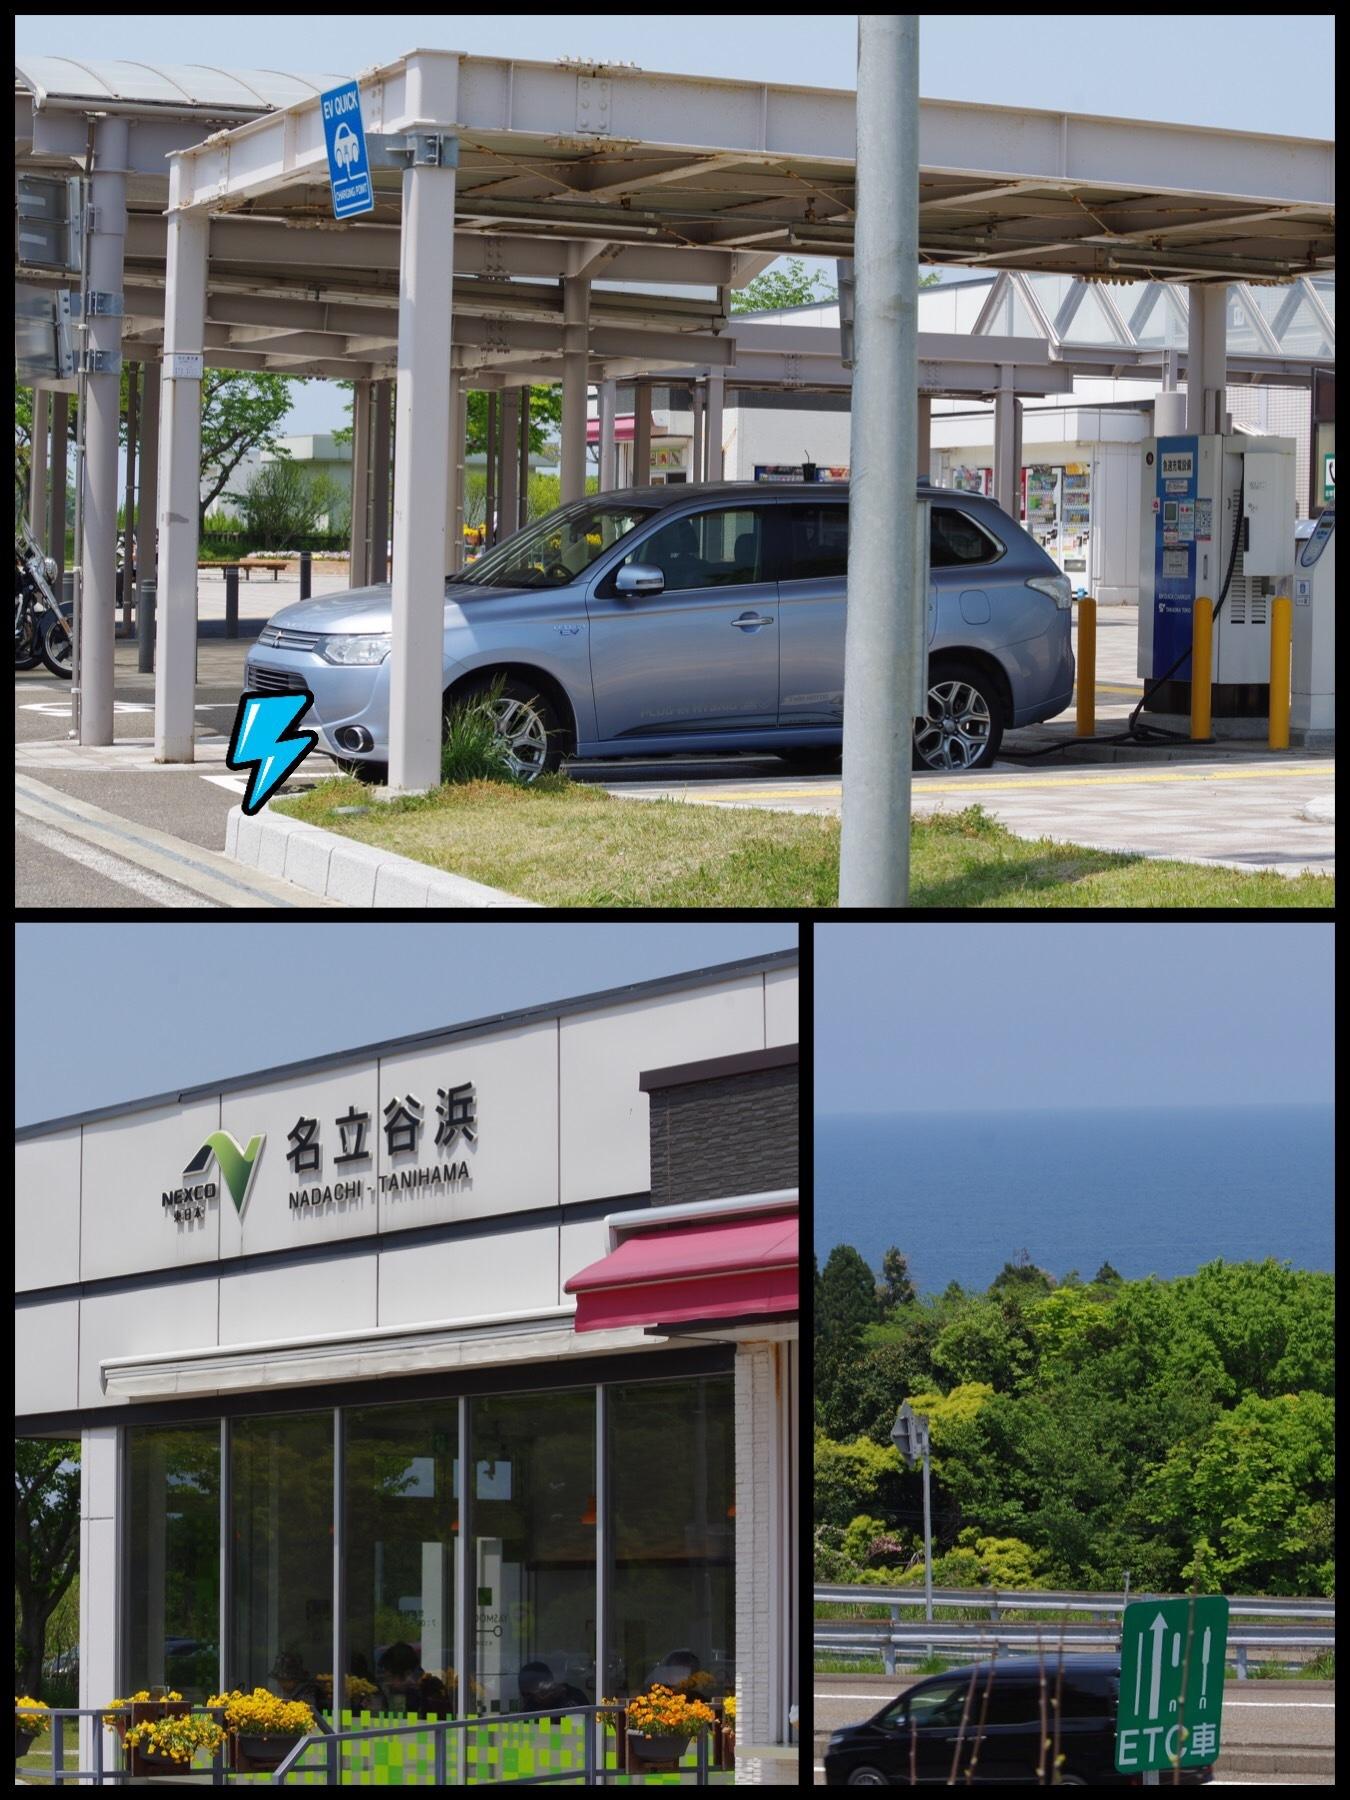 北陸自動車道 名立谷浜SA下り EV充電スポット